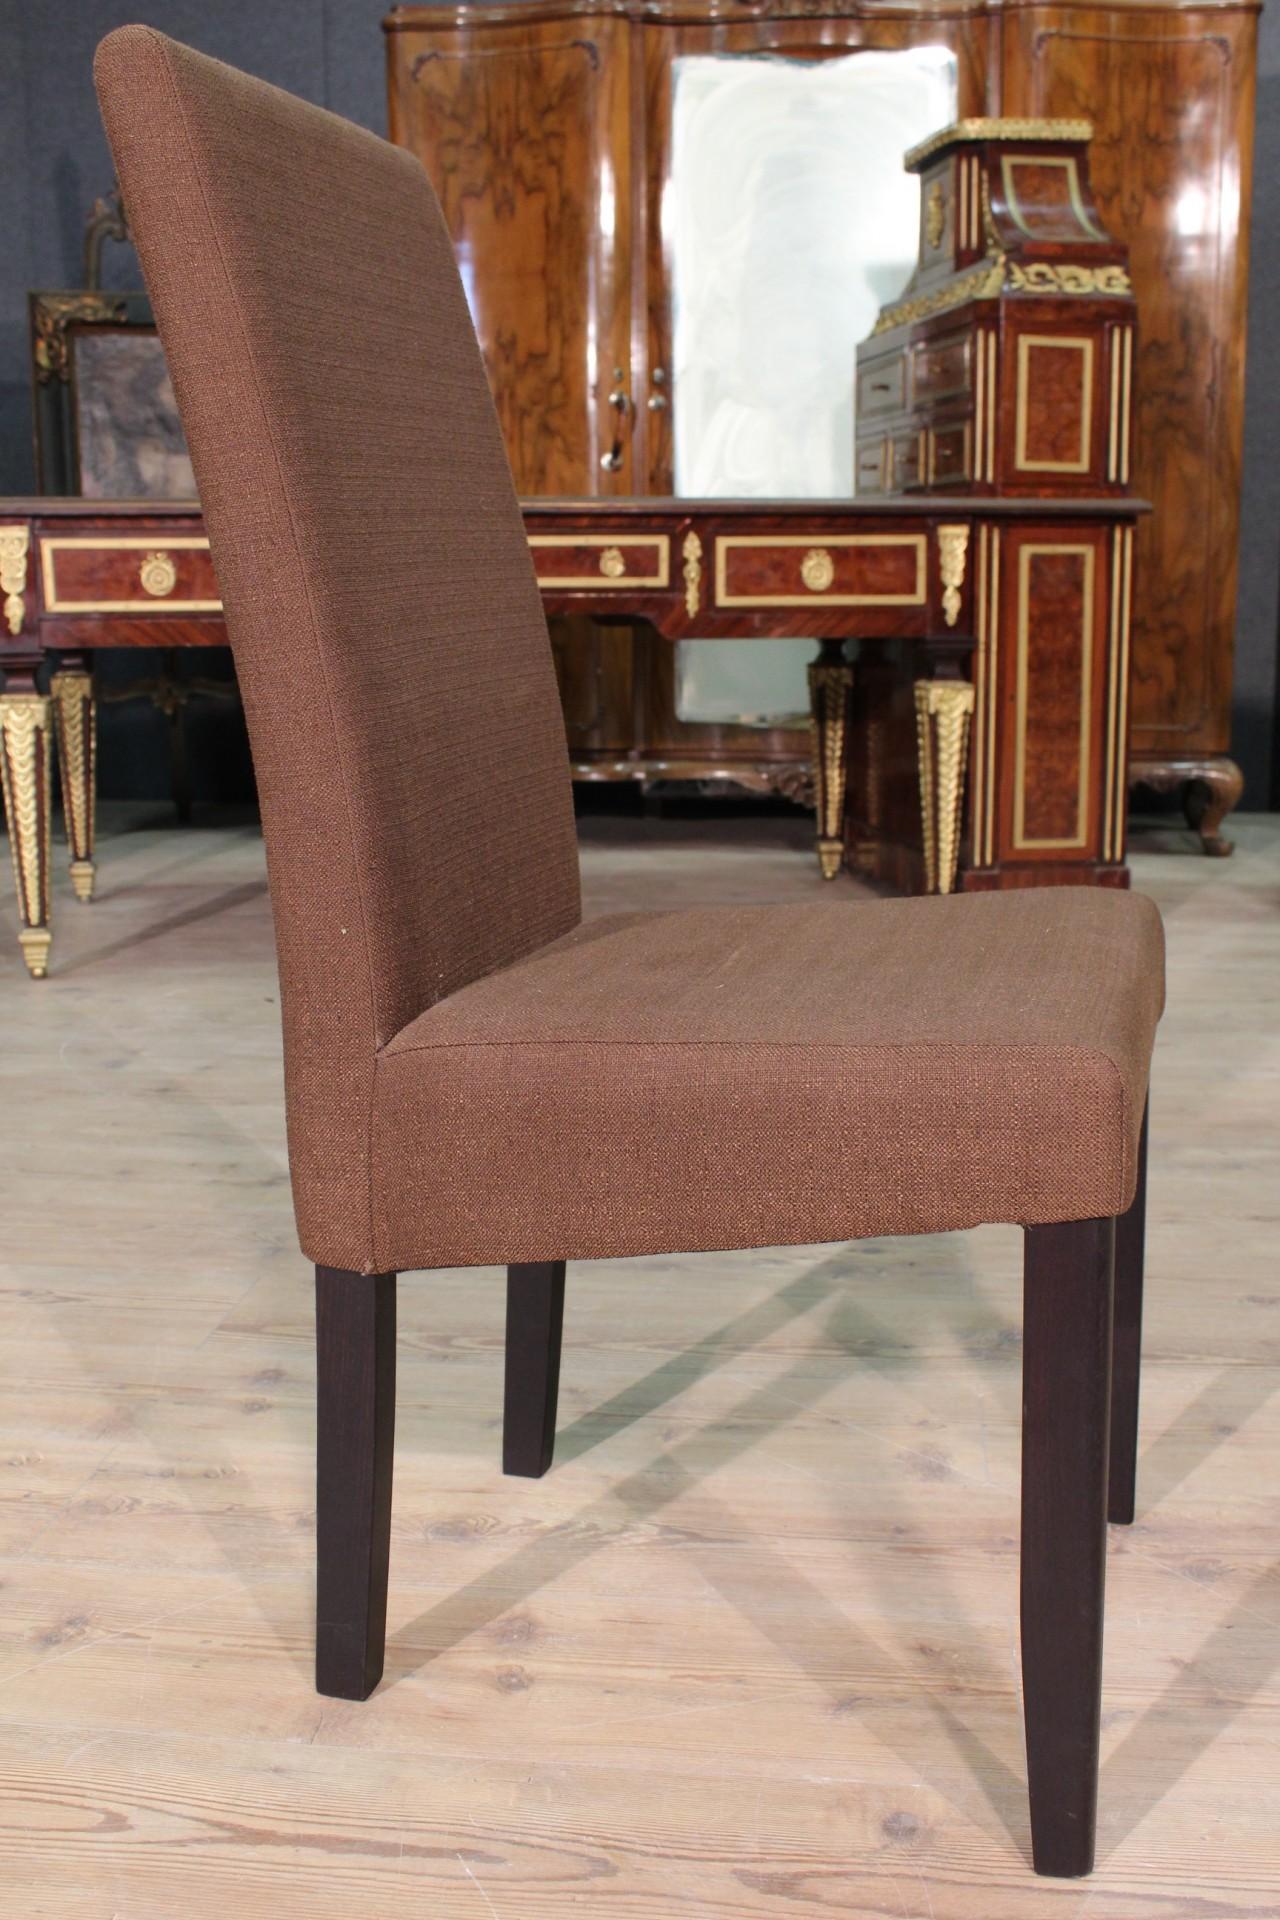 Annuncio: Gruppo di 6 sedie rivestite in tessuto • NowArc